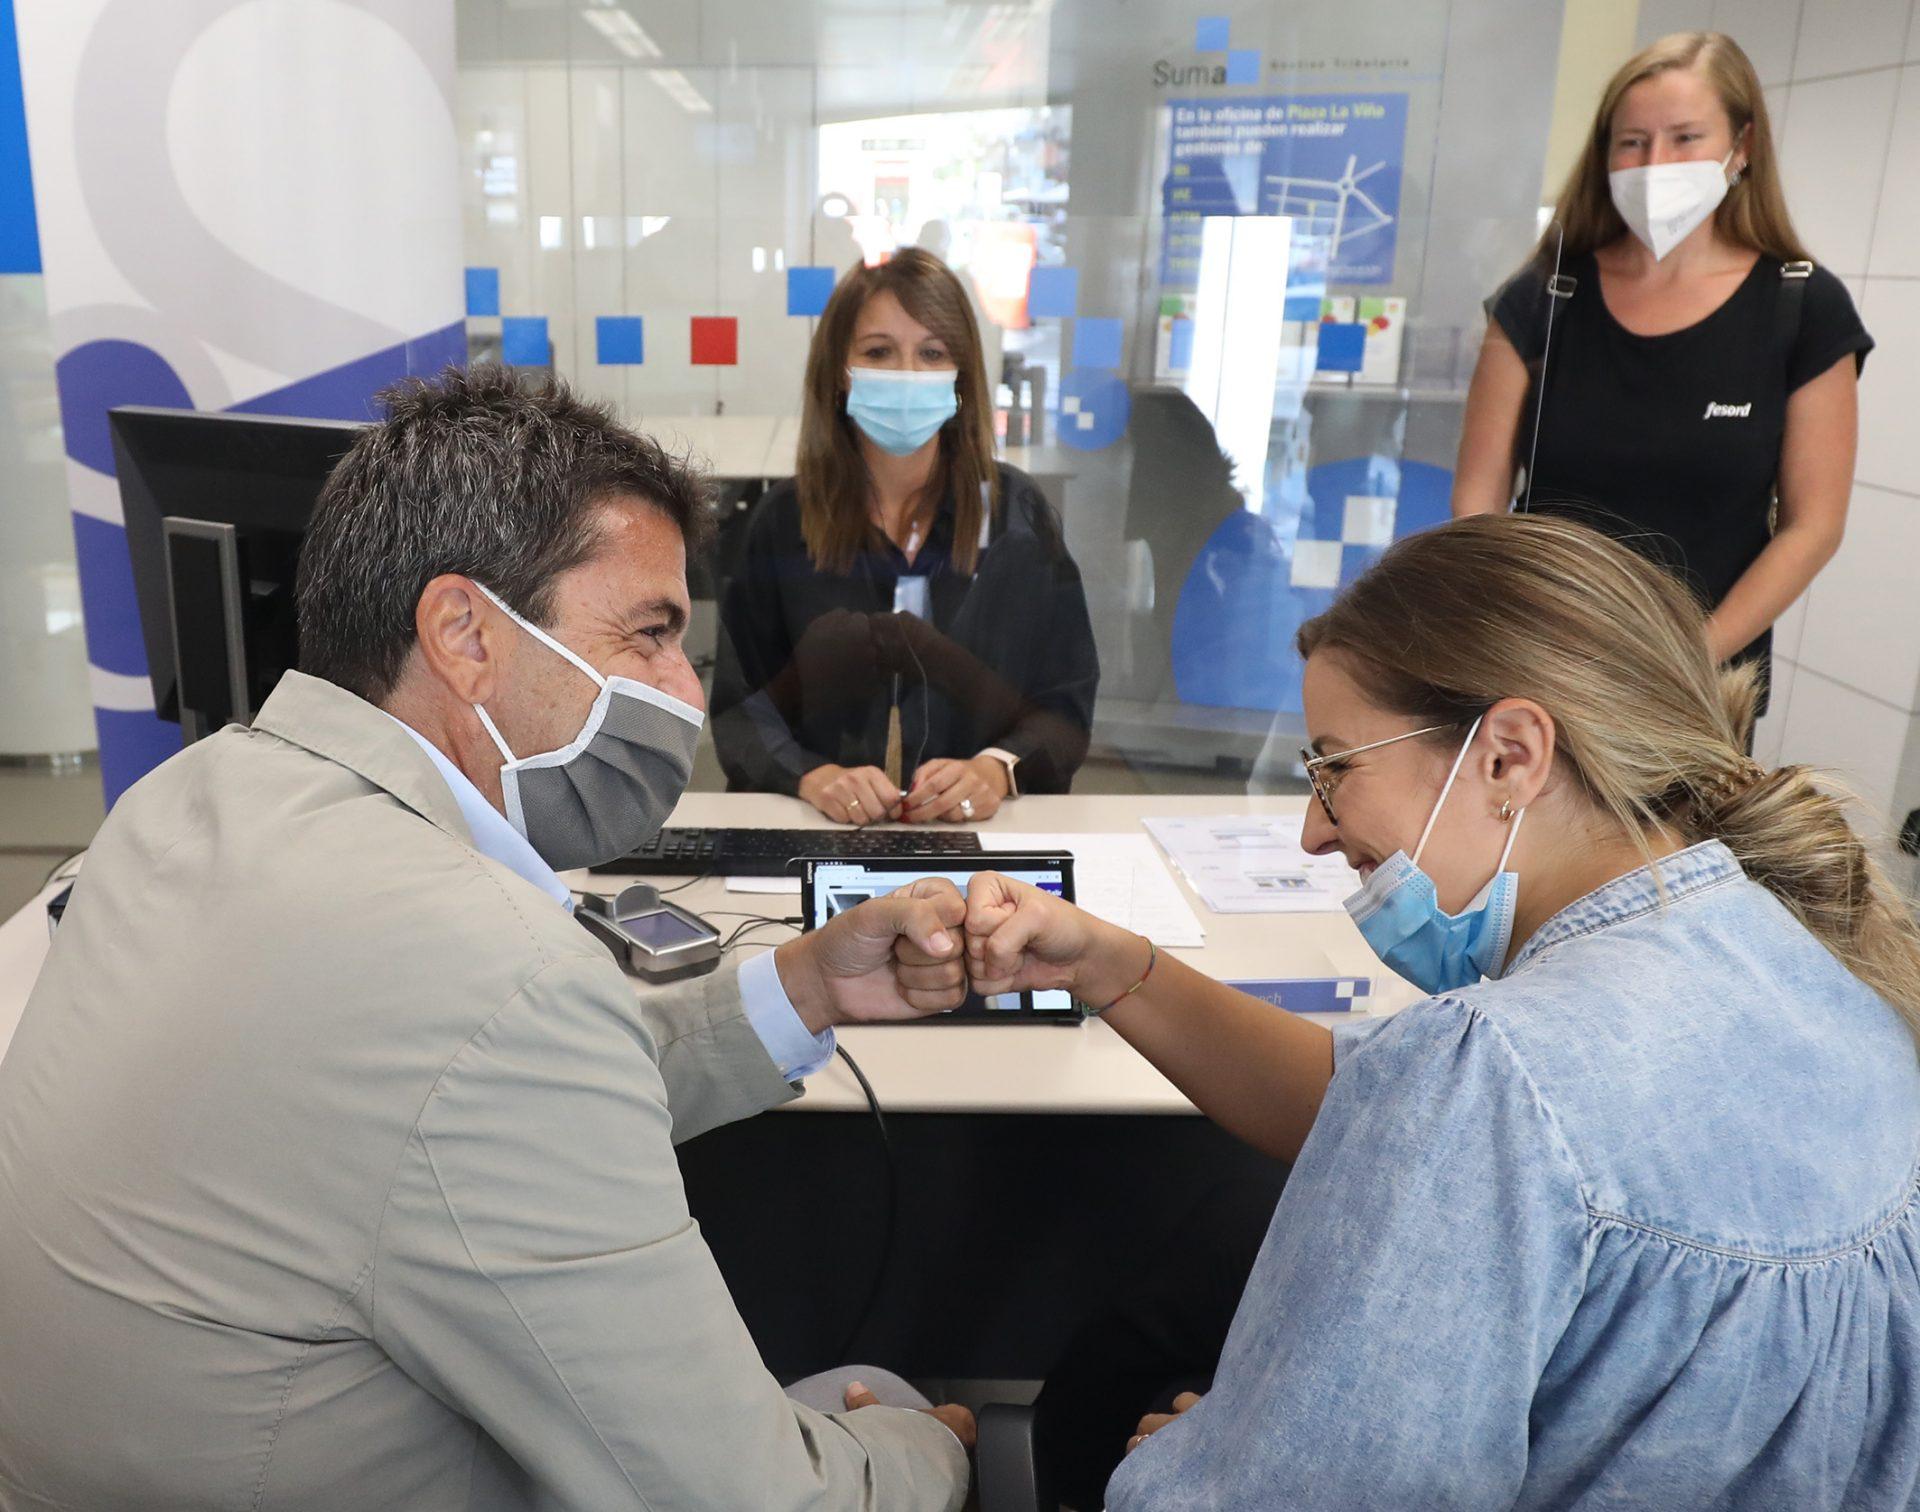 Suma implanta en les seues oficines un sistema de vídeo interpretació en llengua de signes per a garantir l'atenció a les persones sordes